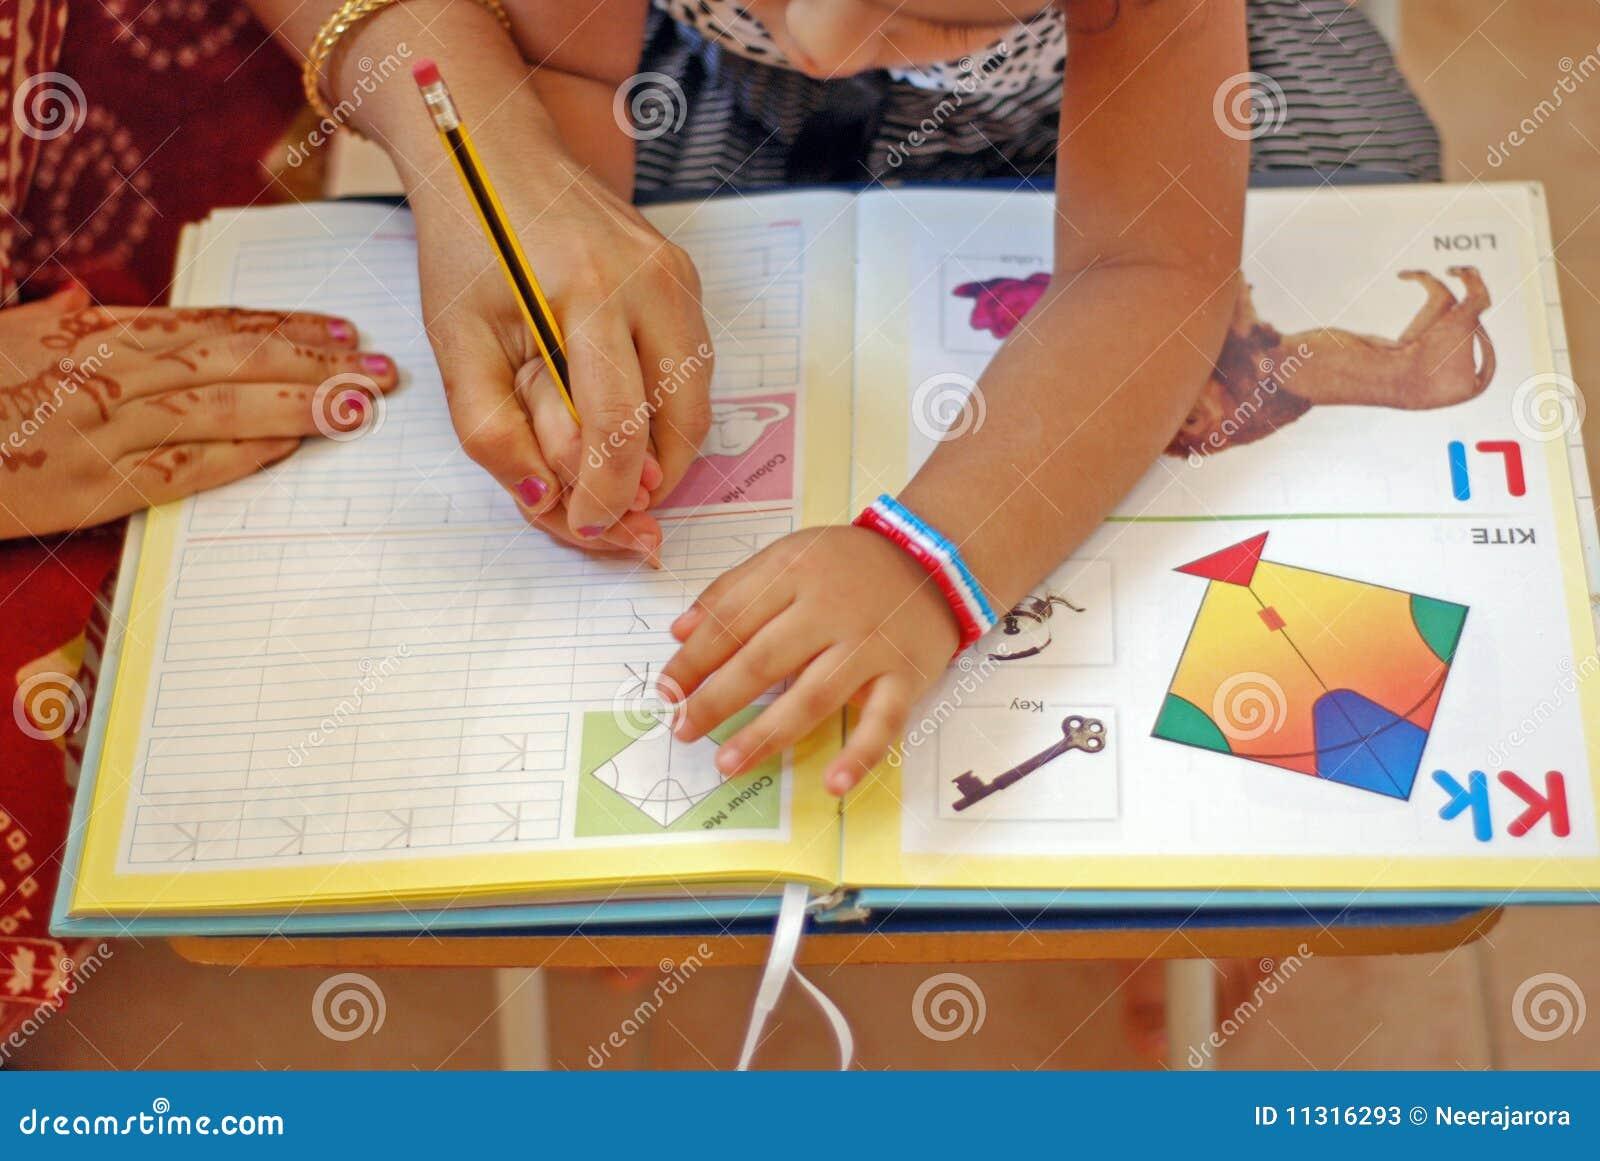 Ein Kind, das wie man erlernt, schreibt